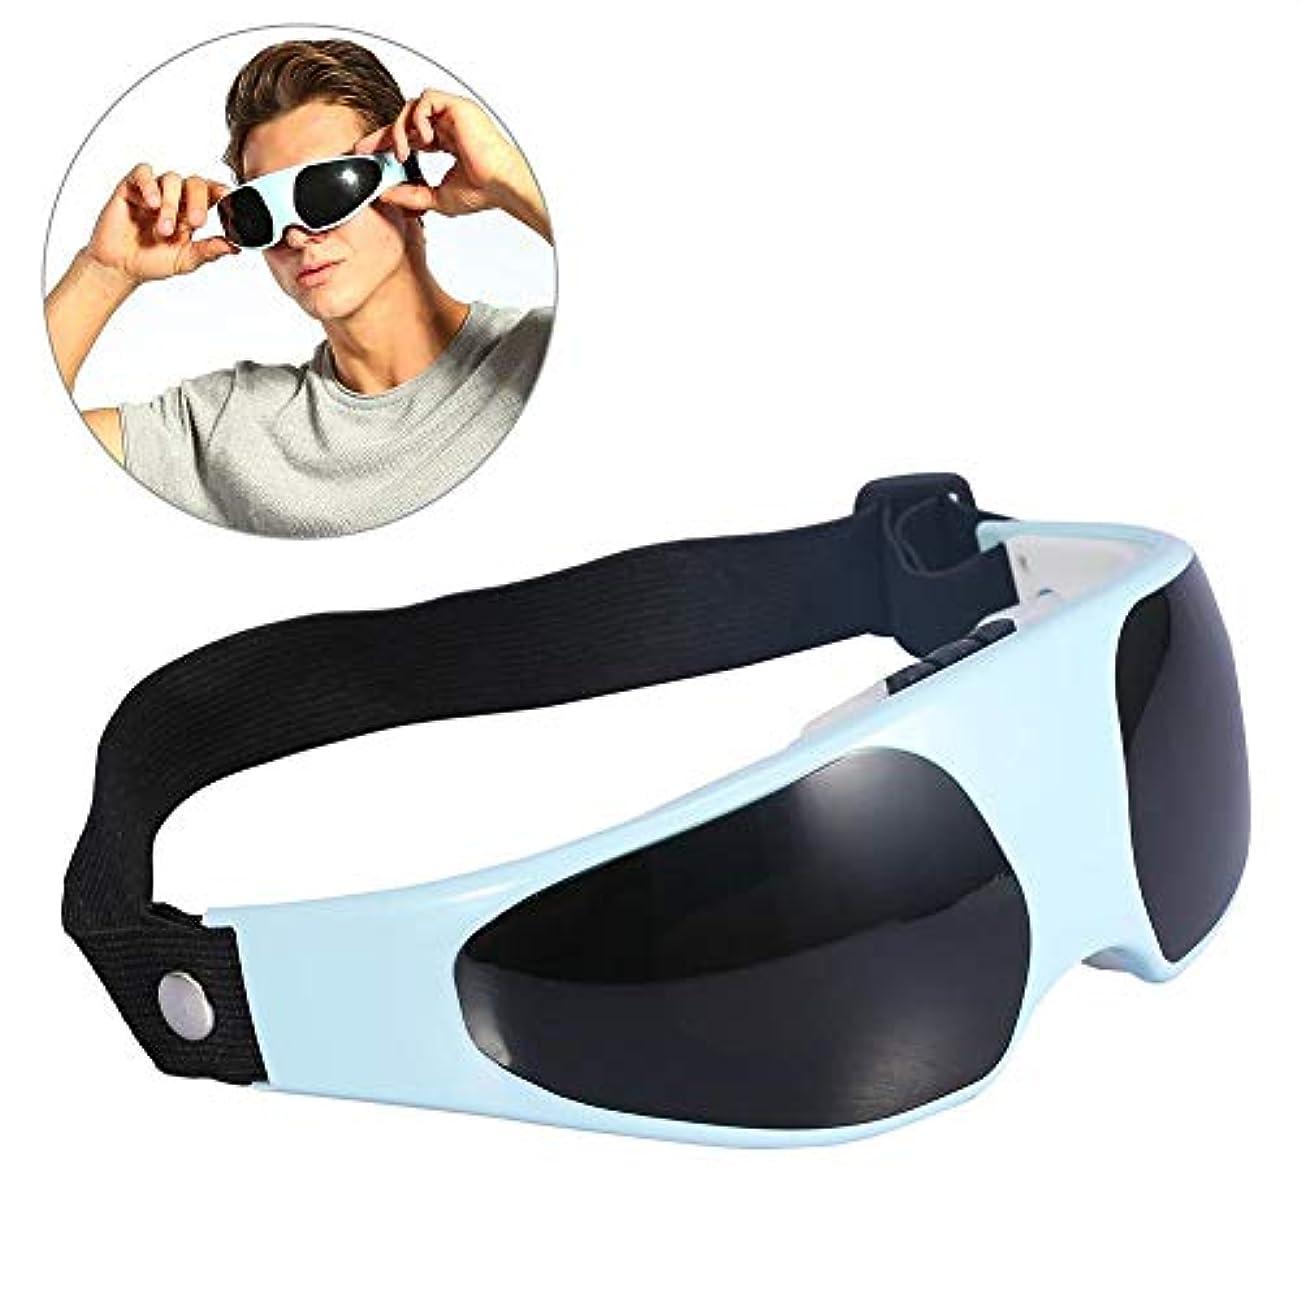 遅らせる止まる永遠にアイマッサージャー、コードレス電動アイマスクマッサージ新しい便利なエレクトリックリリーフ疲労ヘルシー片頭痛マスク額アイマッサージャーヘルスケア